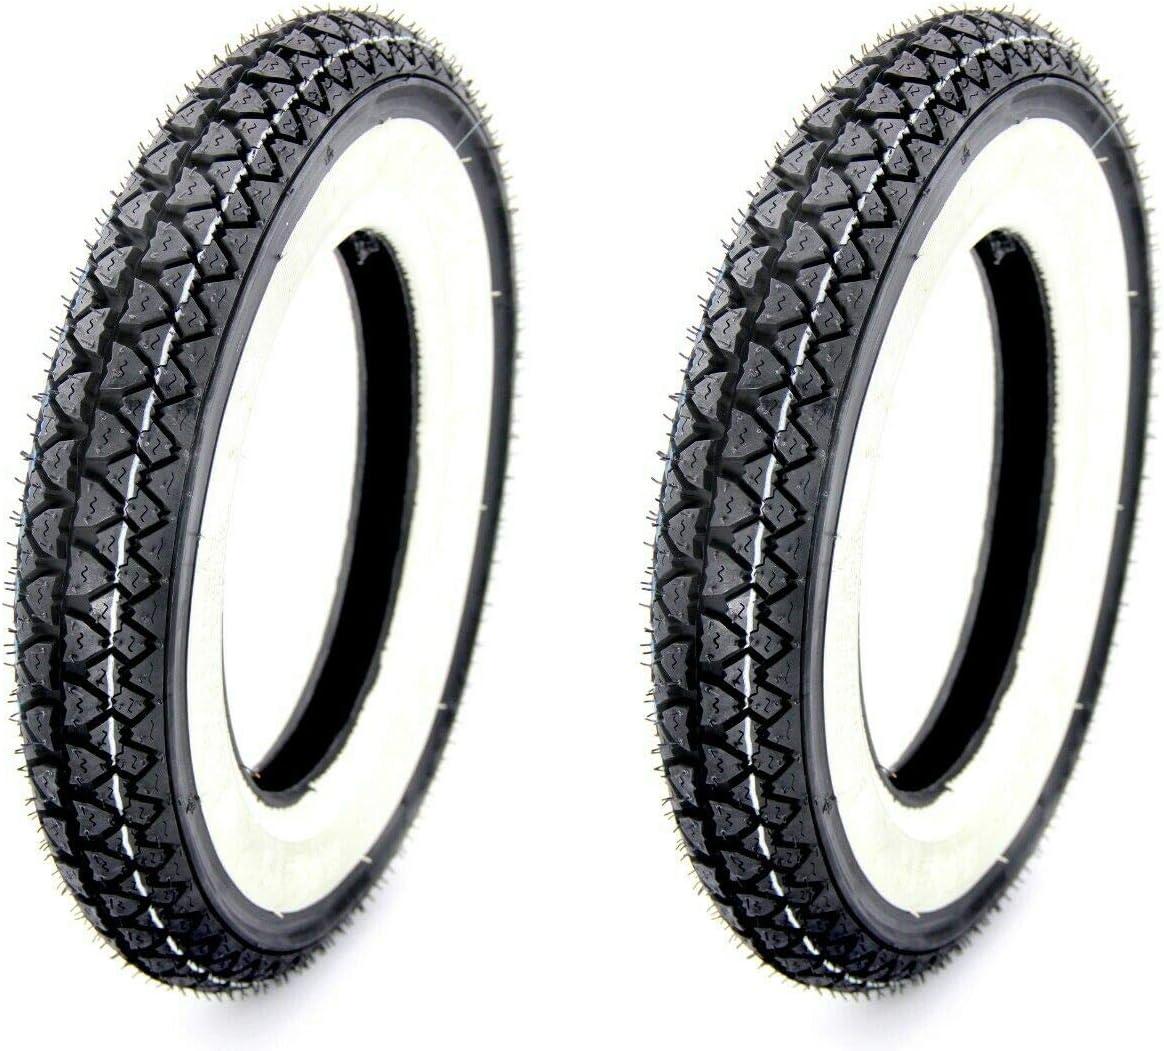 2 Kenda Weisswand Reifen 3 00x10 4pr 42j Tt Für Roller 8 Auto